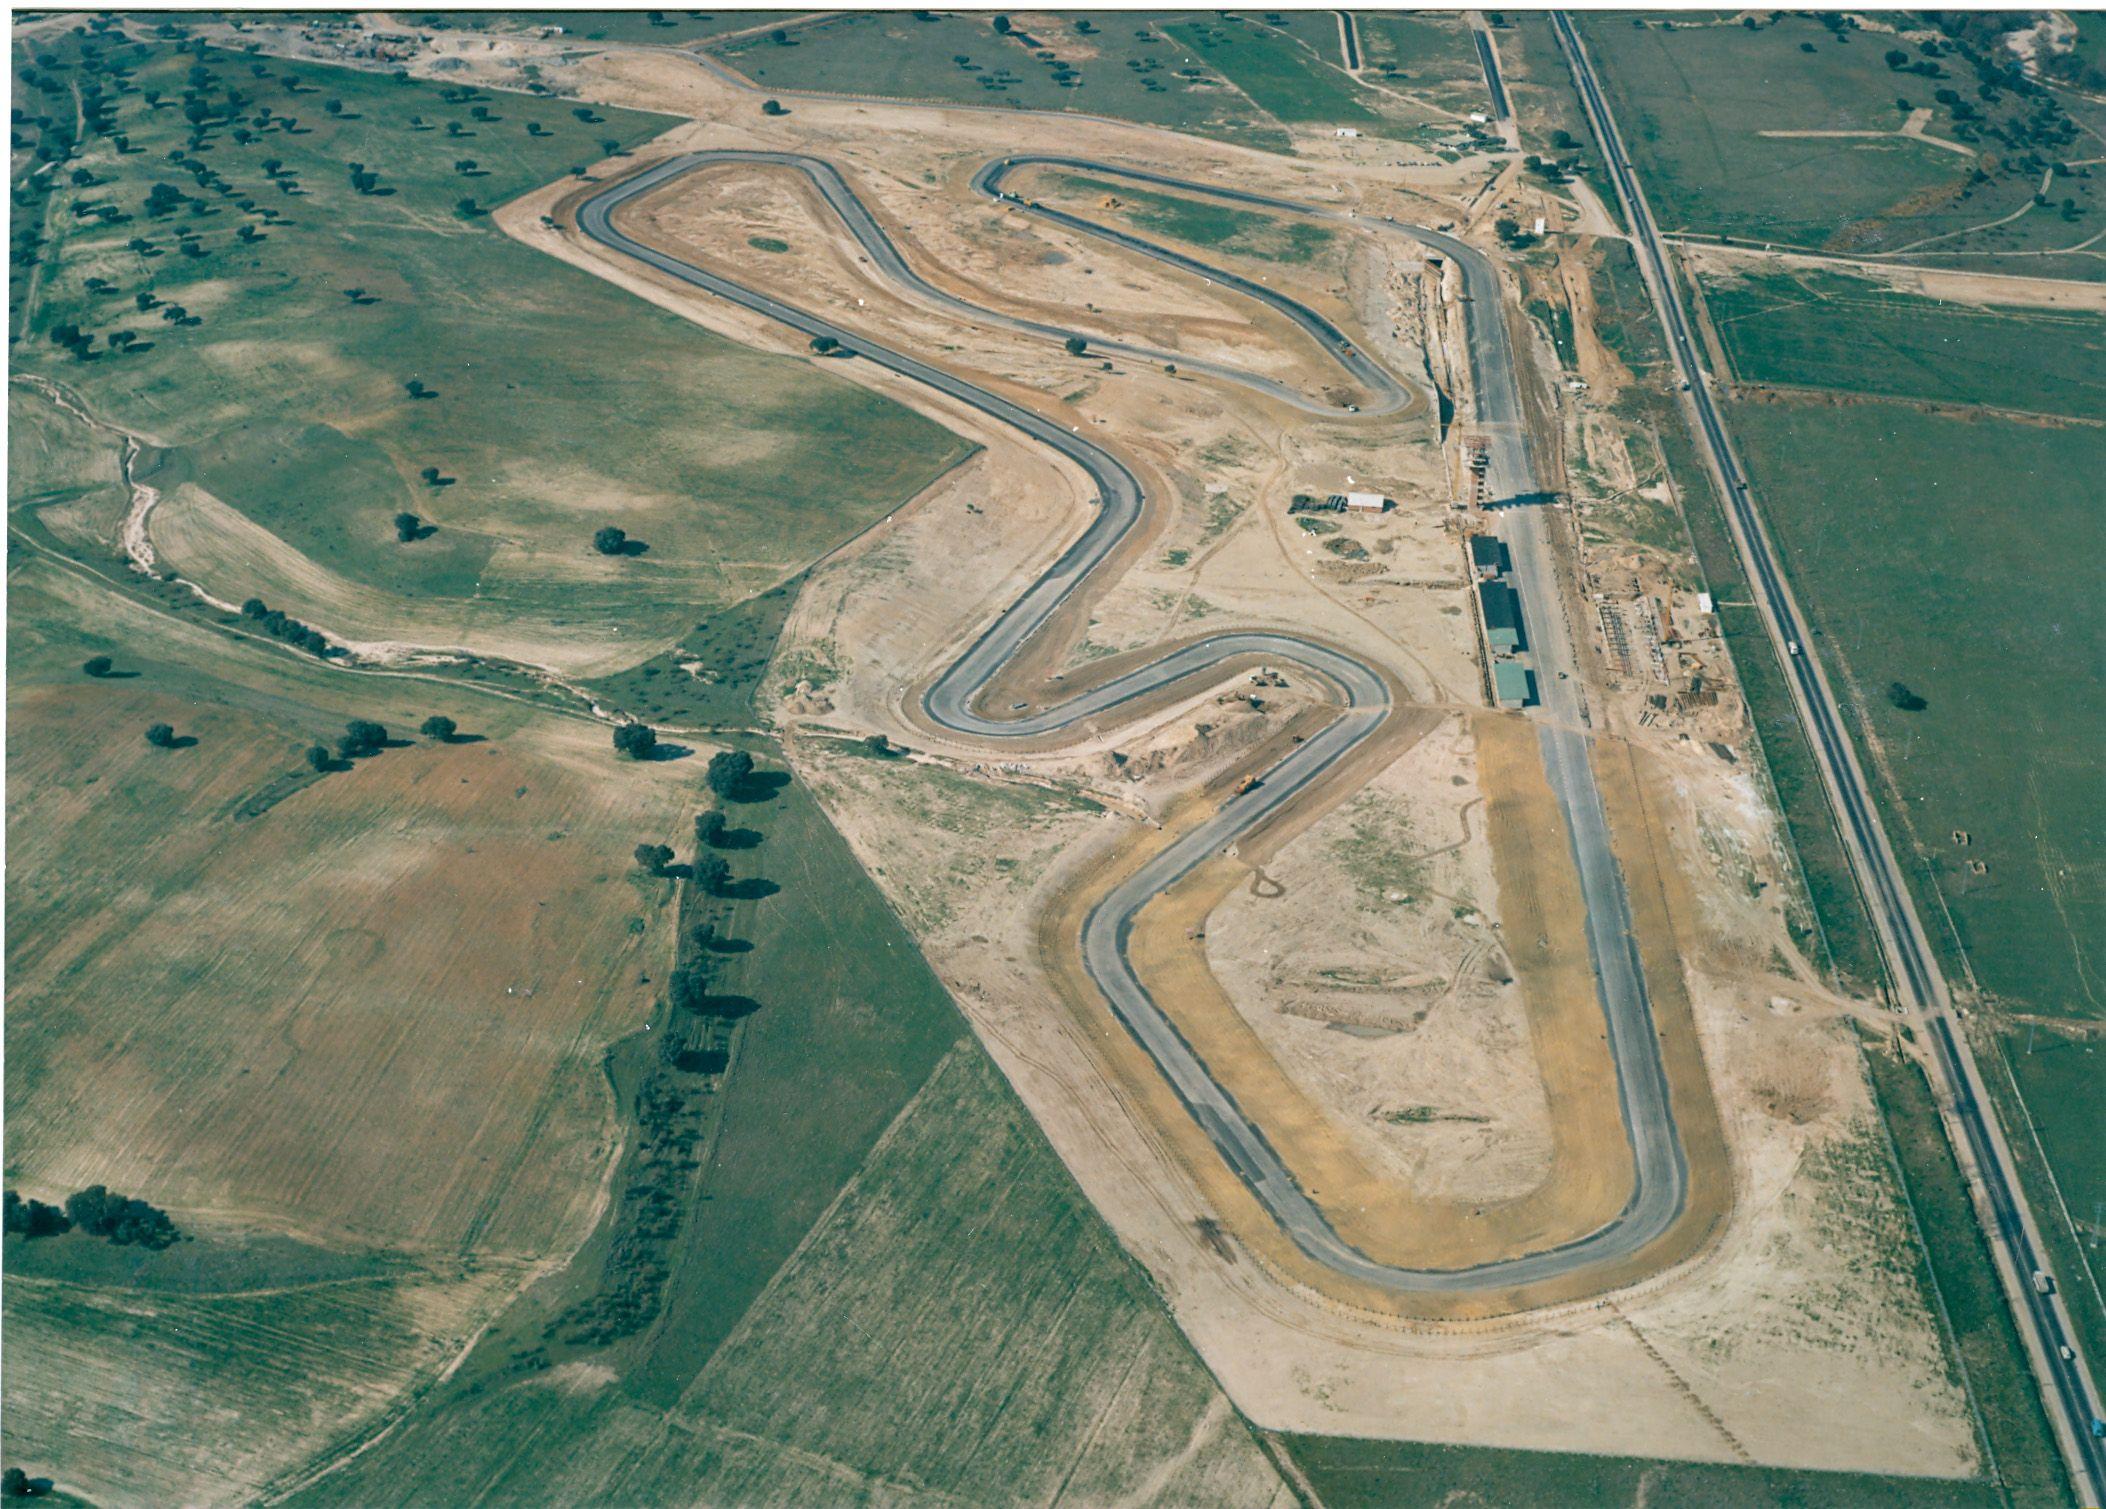 Circuito Jarama : Wikiloc foto de ruta del jarama circuito estrellas